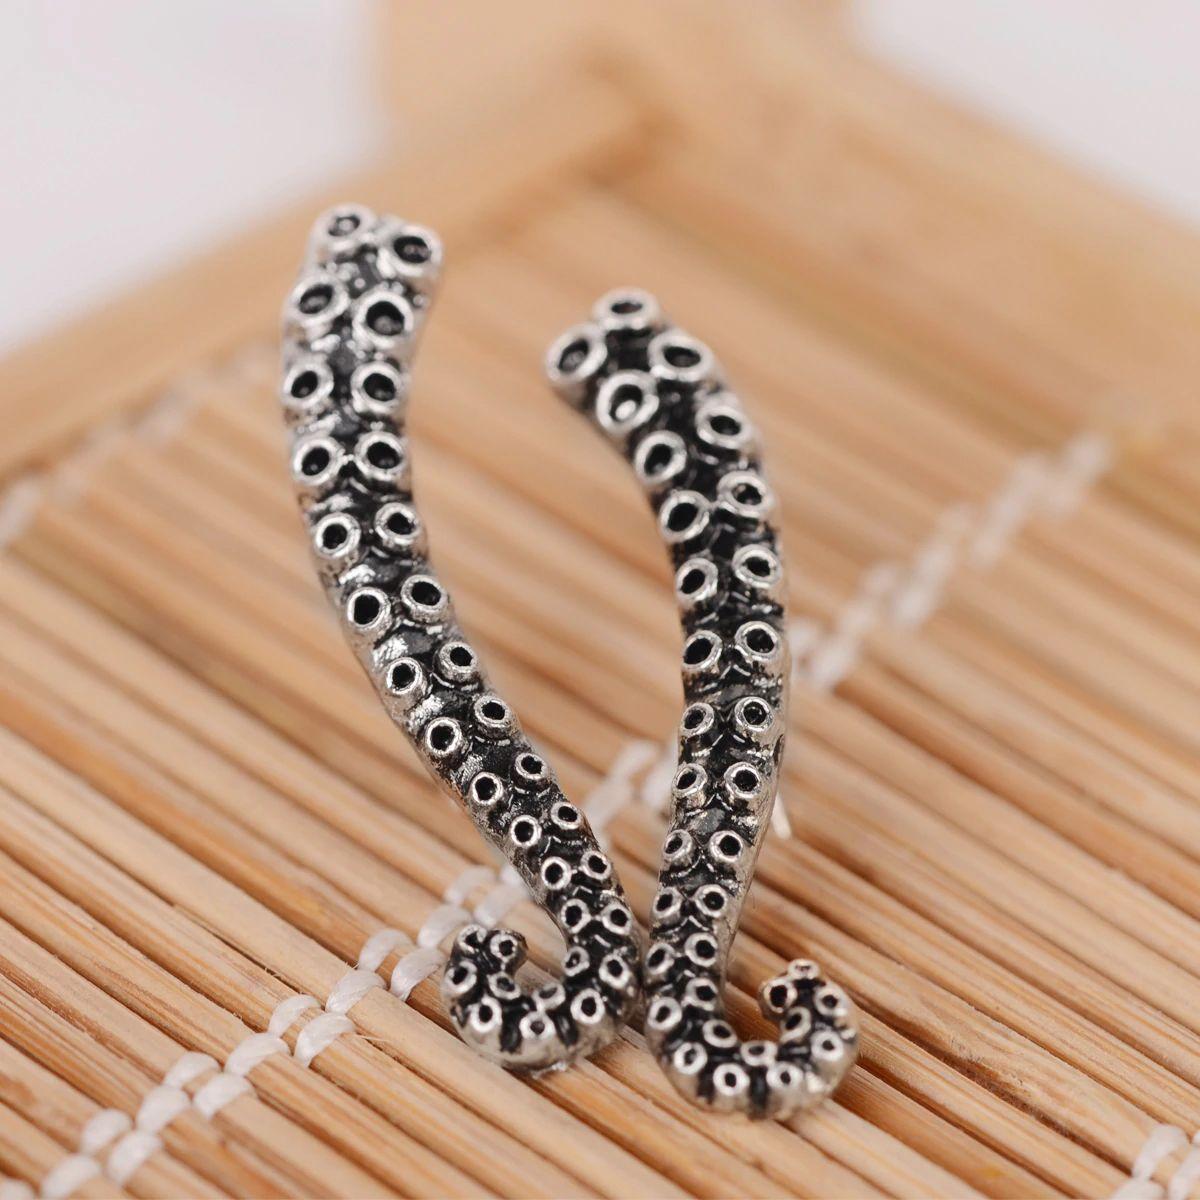 Octopus tentacles earrings